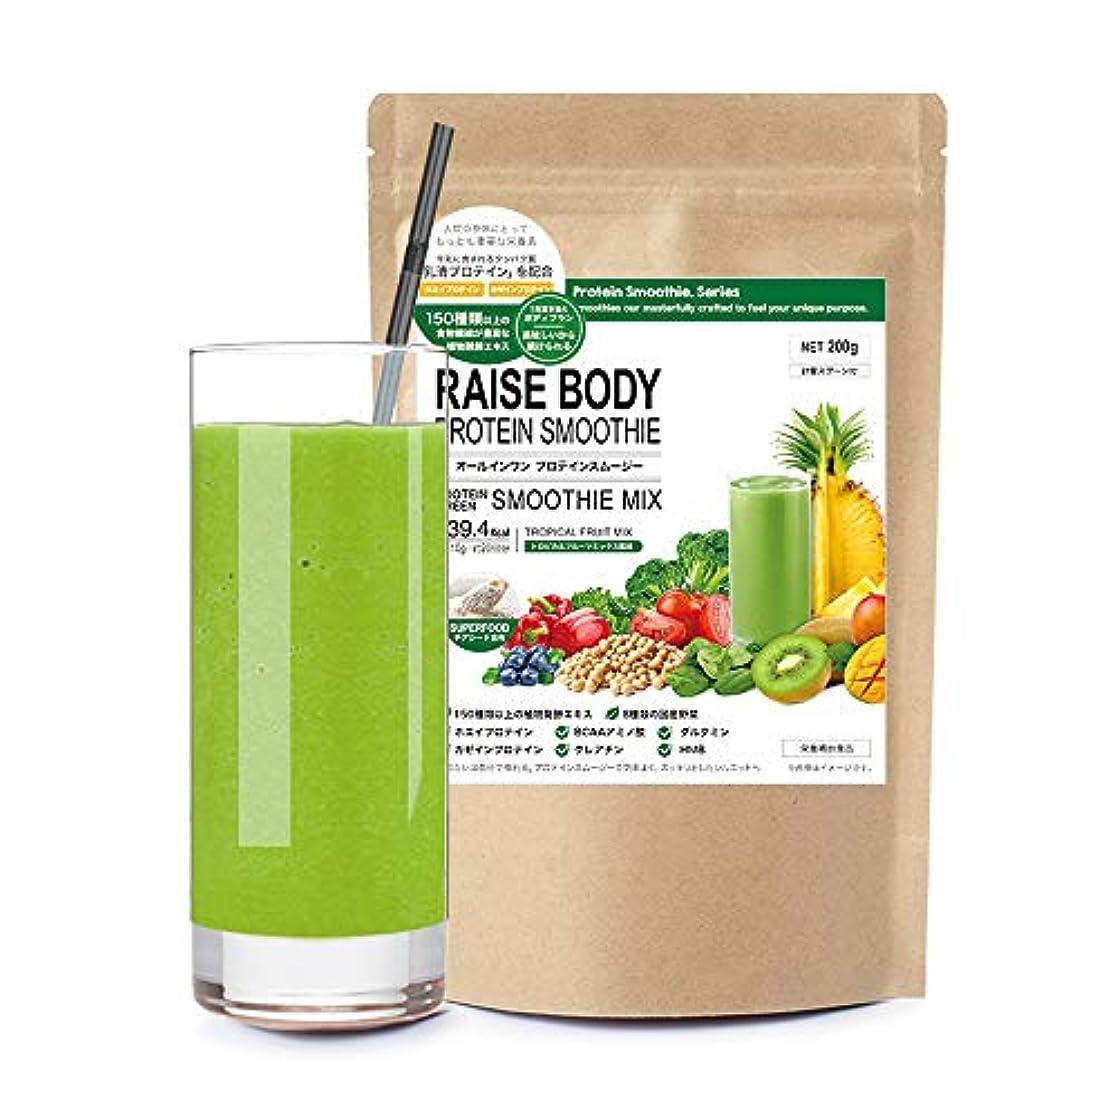 ベリー舌なジョージハンブリースムージー プロテイン ダイエット シェイク ミネラル酵素 置き換え トロピカルフルーツ風味 RAISE BODY 200g(20回分)